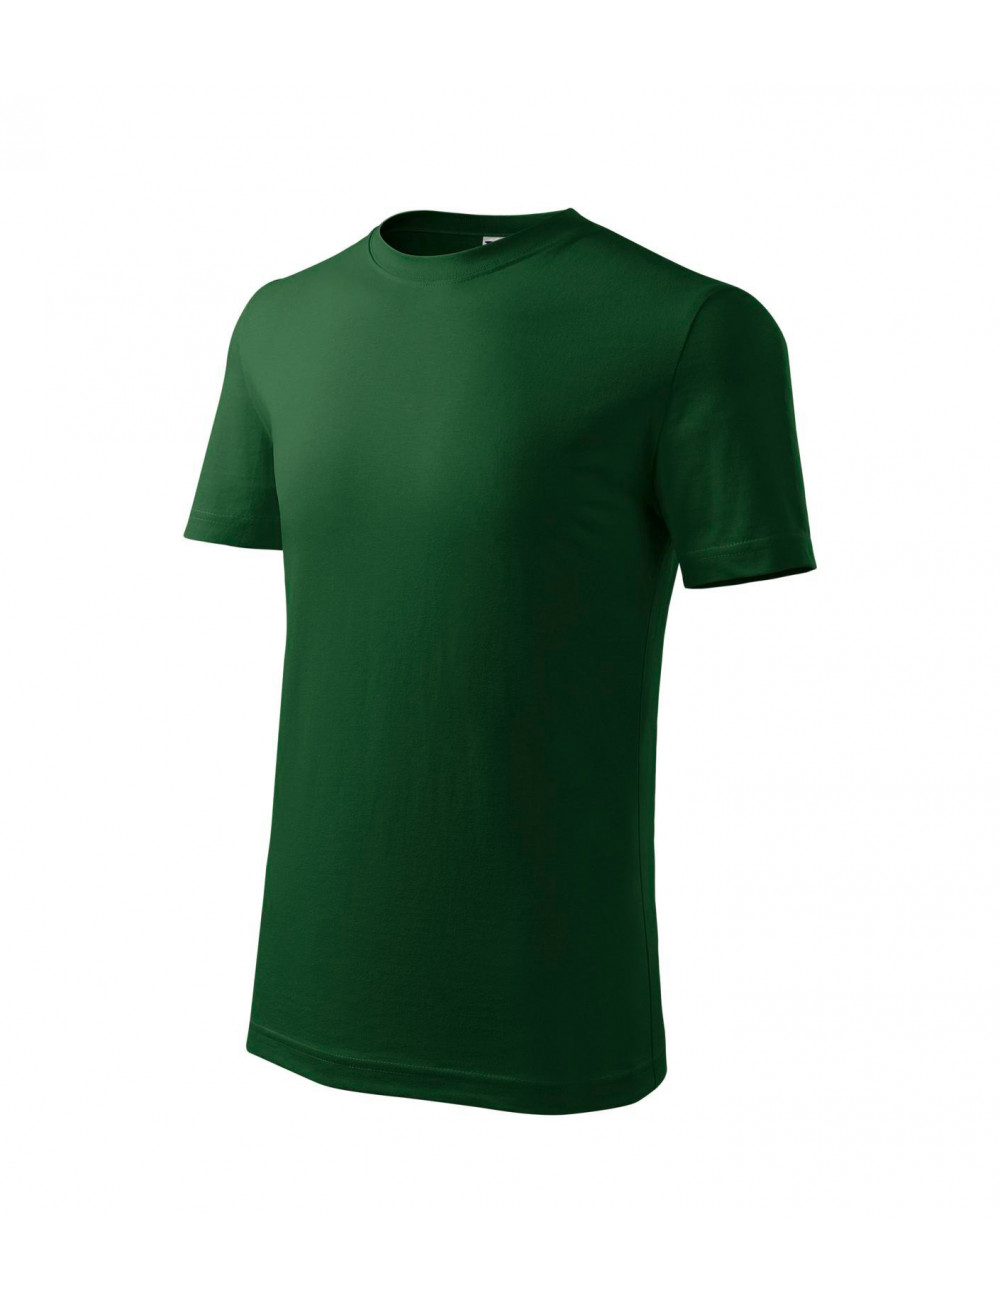 Adler MALFINI Koszulka dziecięca Classic New 135 zieleń butelkowa